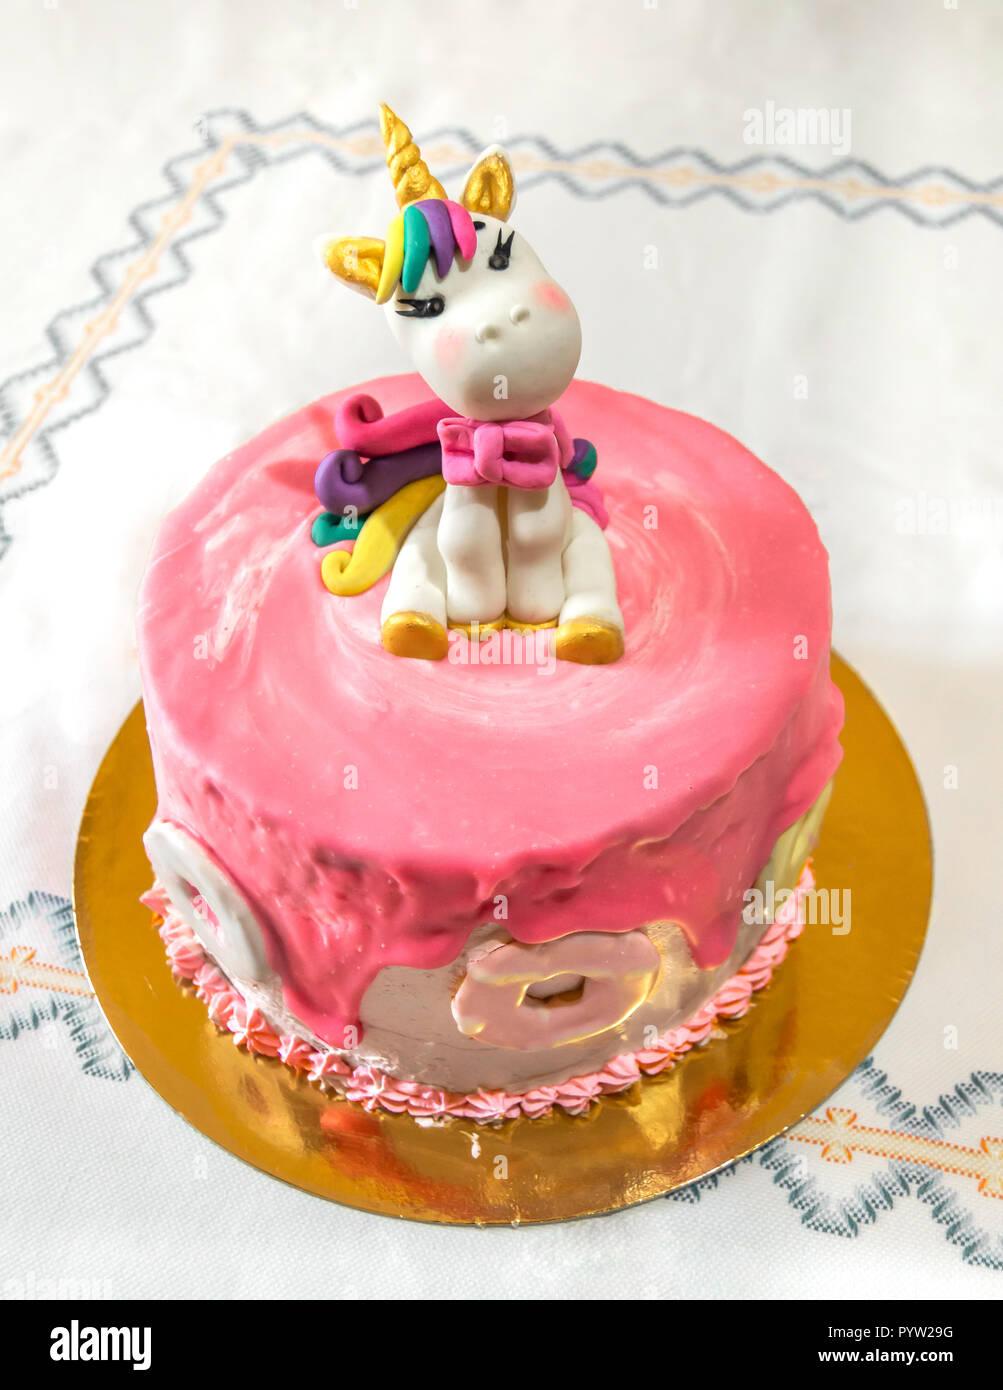 Lecker Und Bunte Kinder Kuchen Mit Einem Schonen Einhorn Und